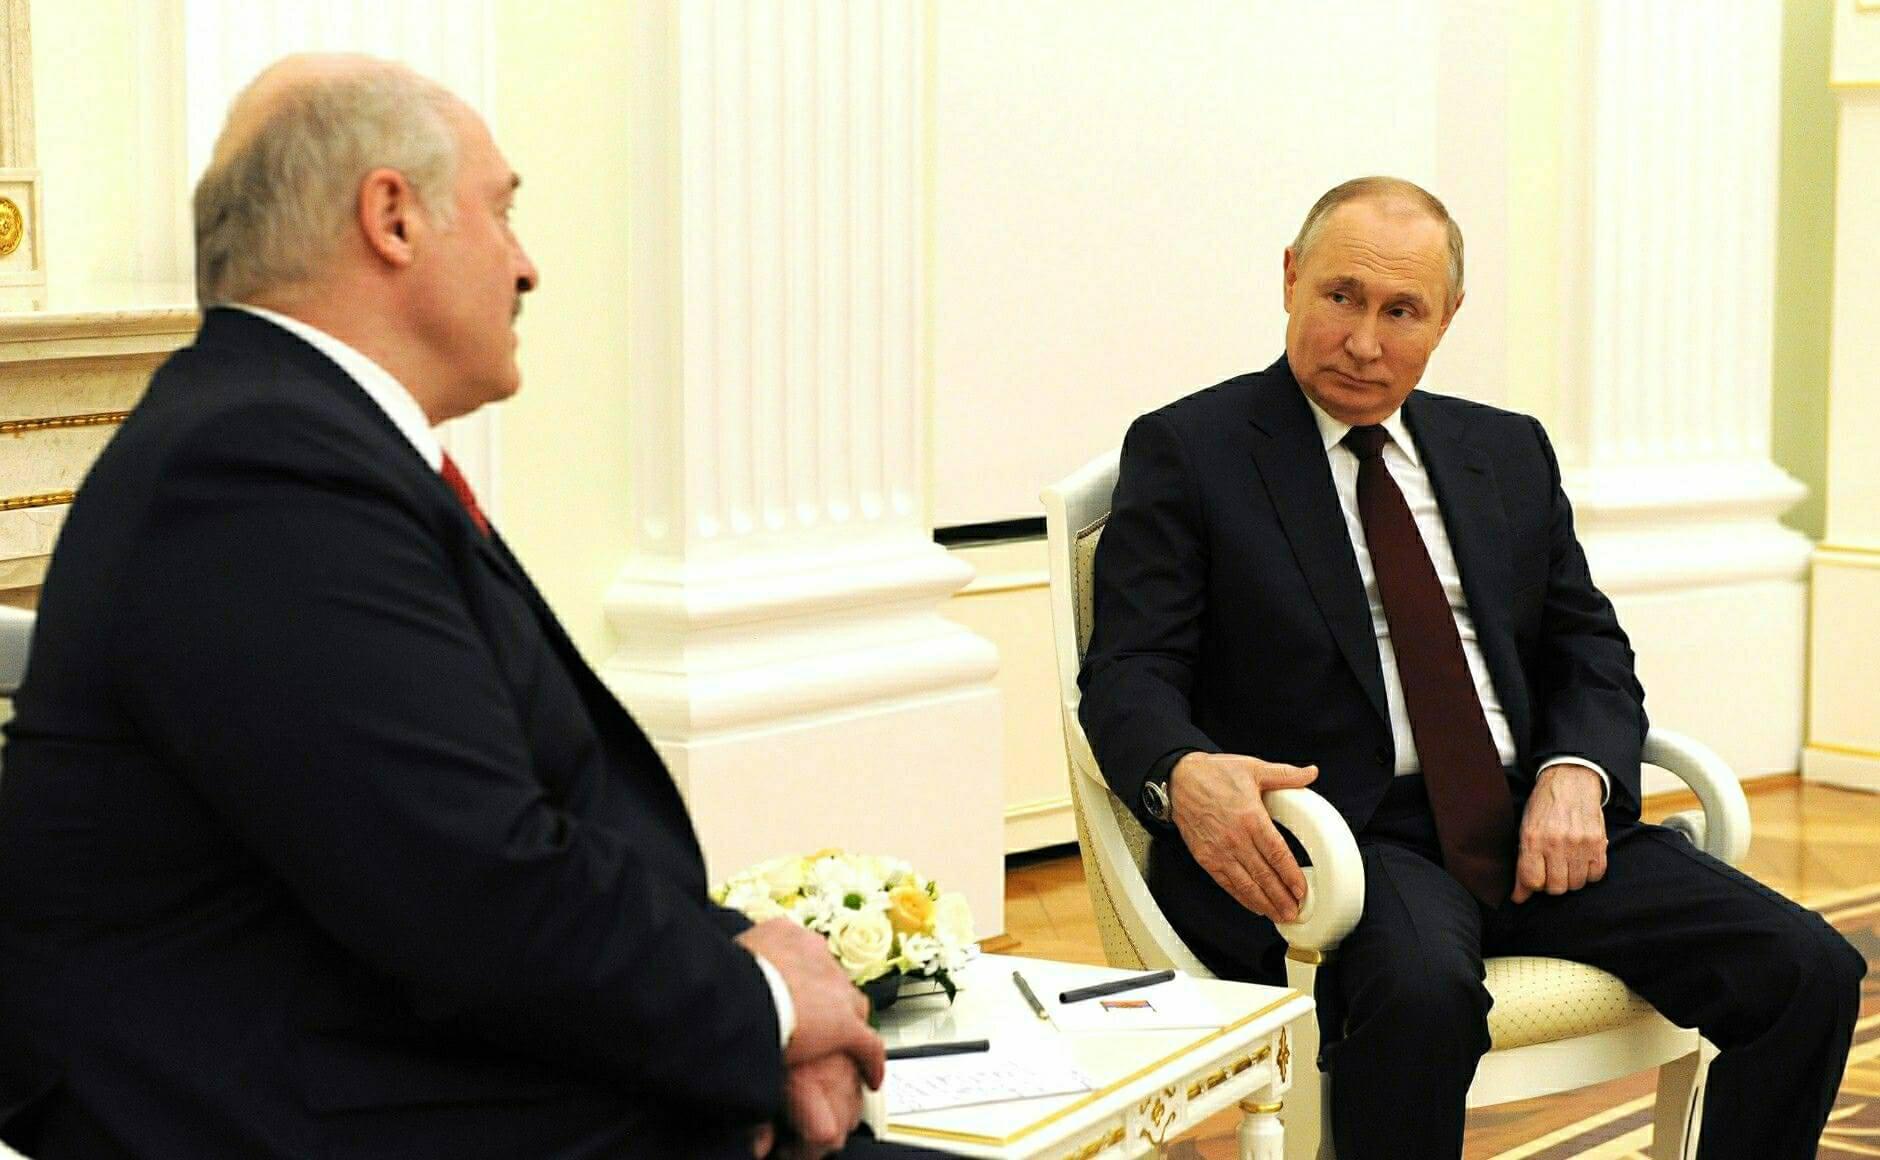 Kremlin Pool ,/via Global Look Press